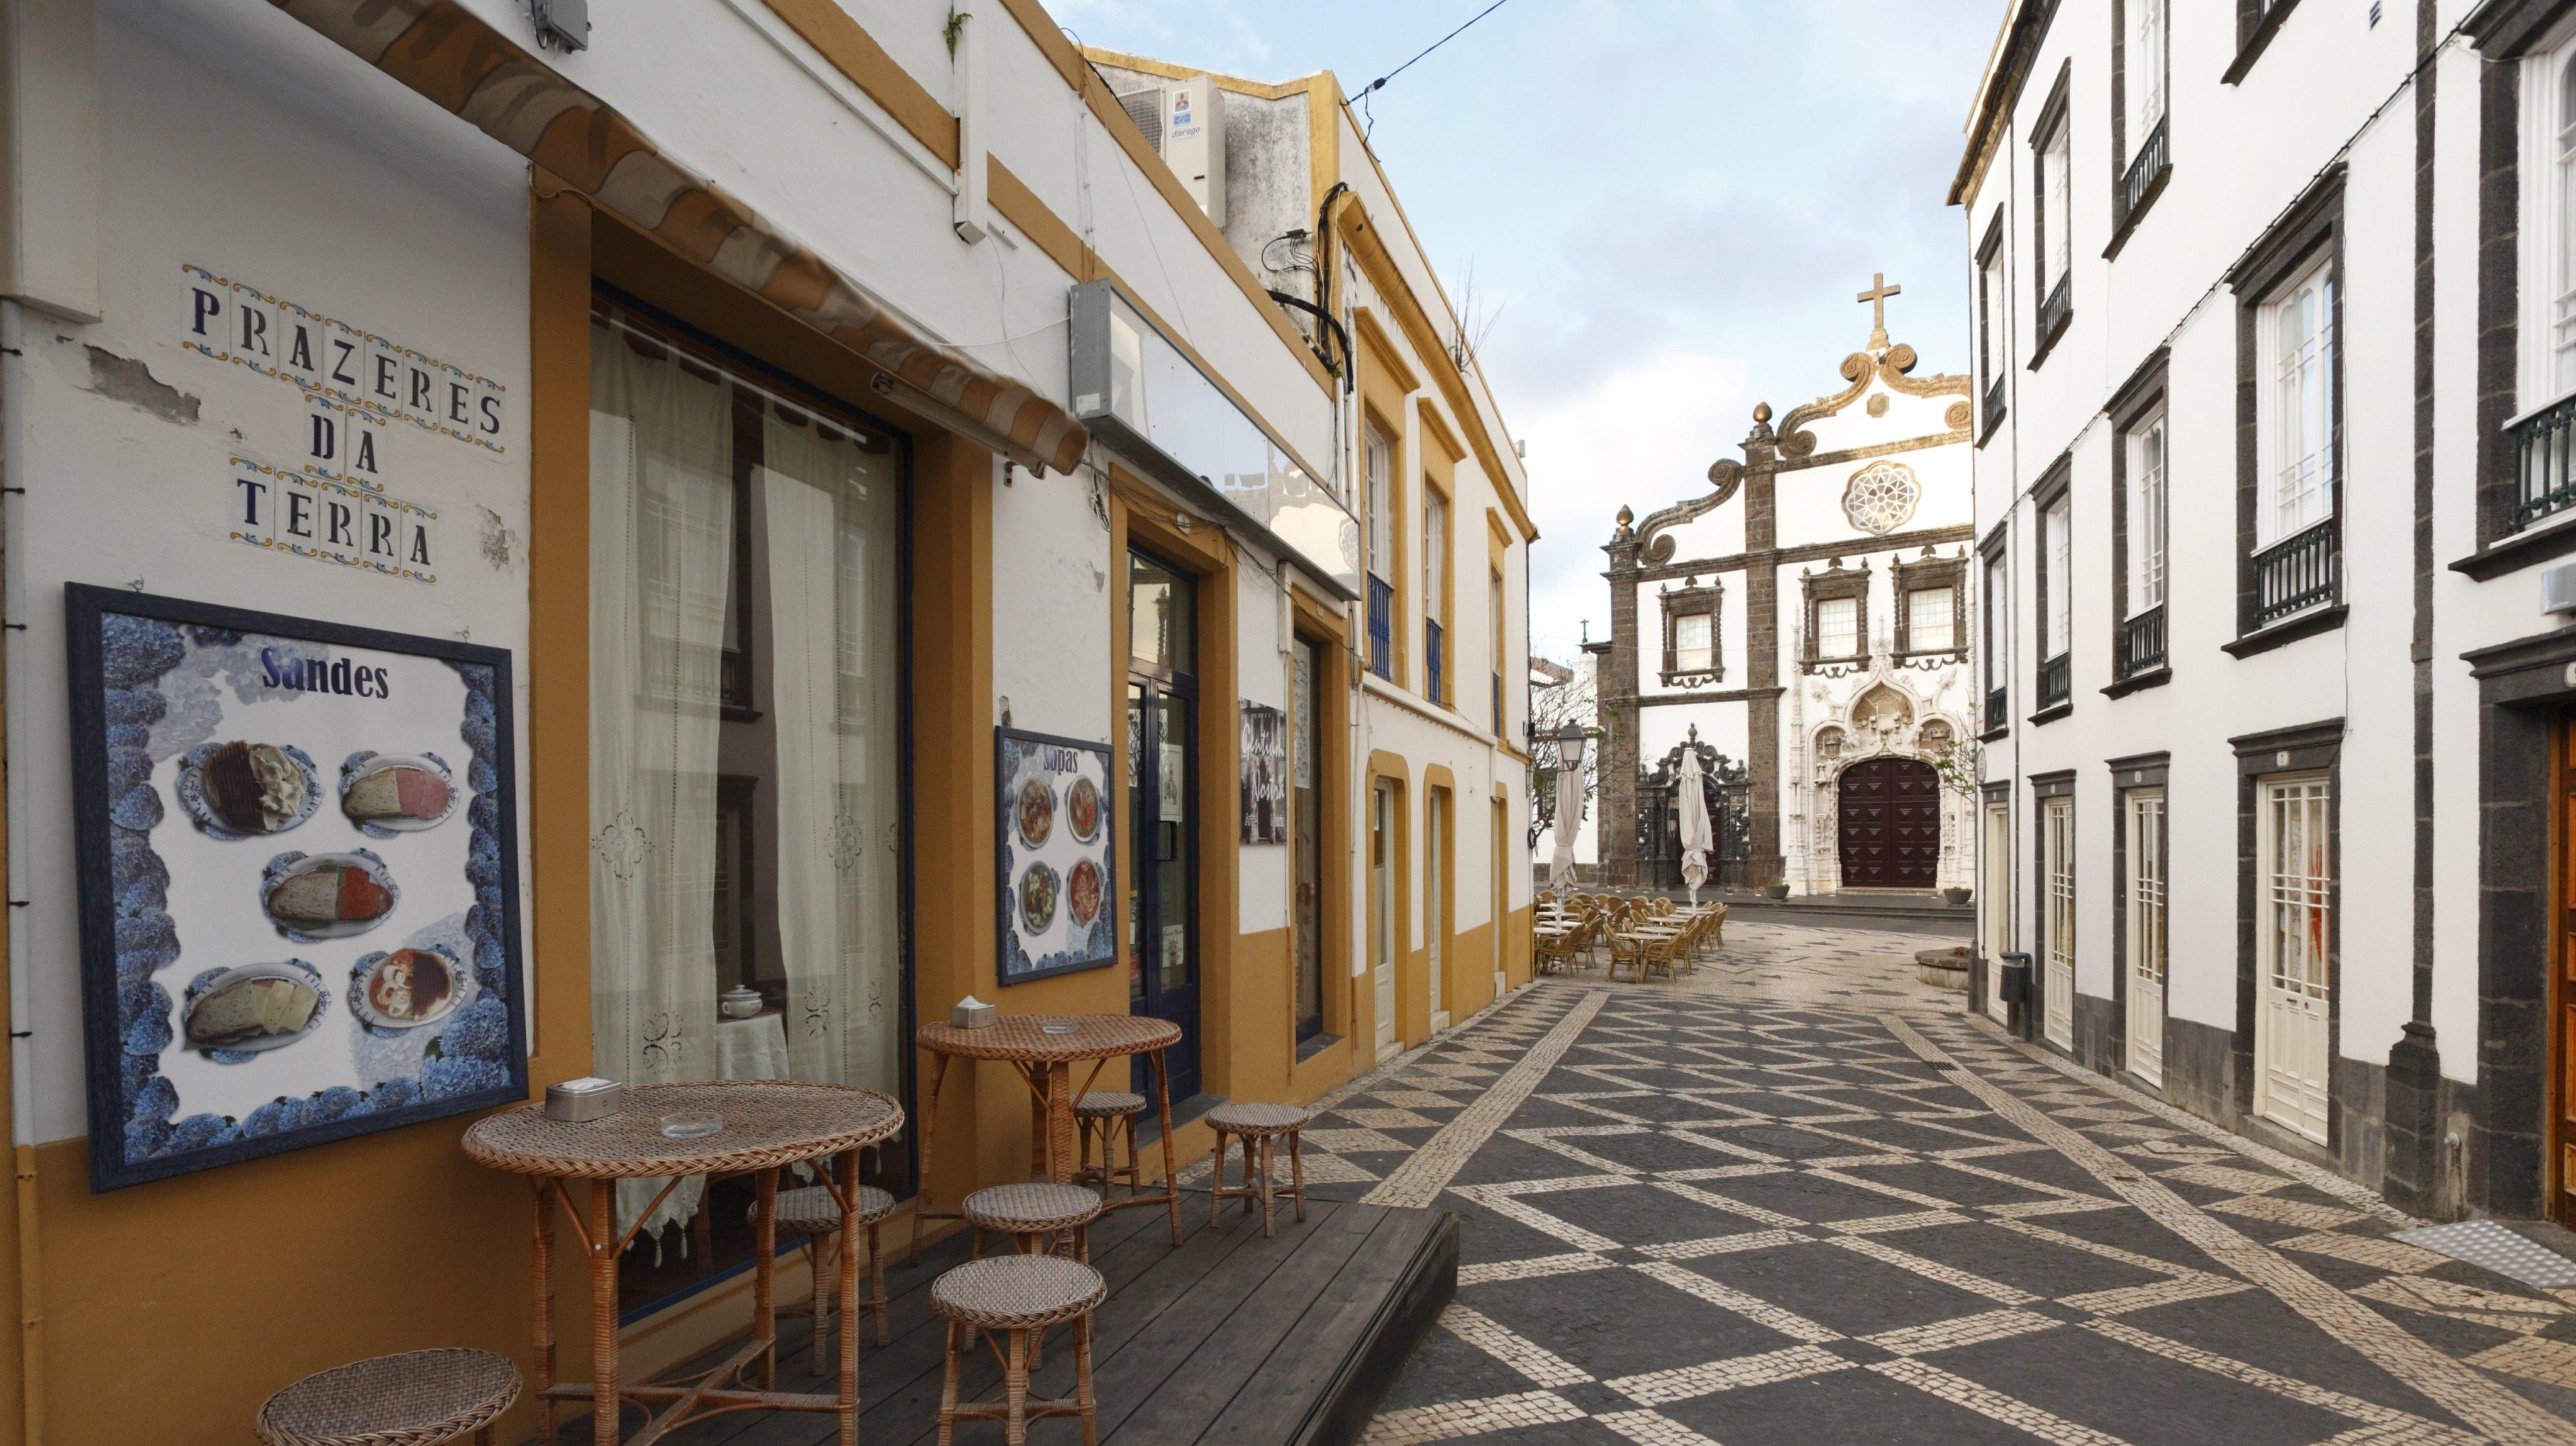 Ponta Delgada, Sao Miguel Island, Azores, Portugal.